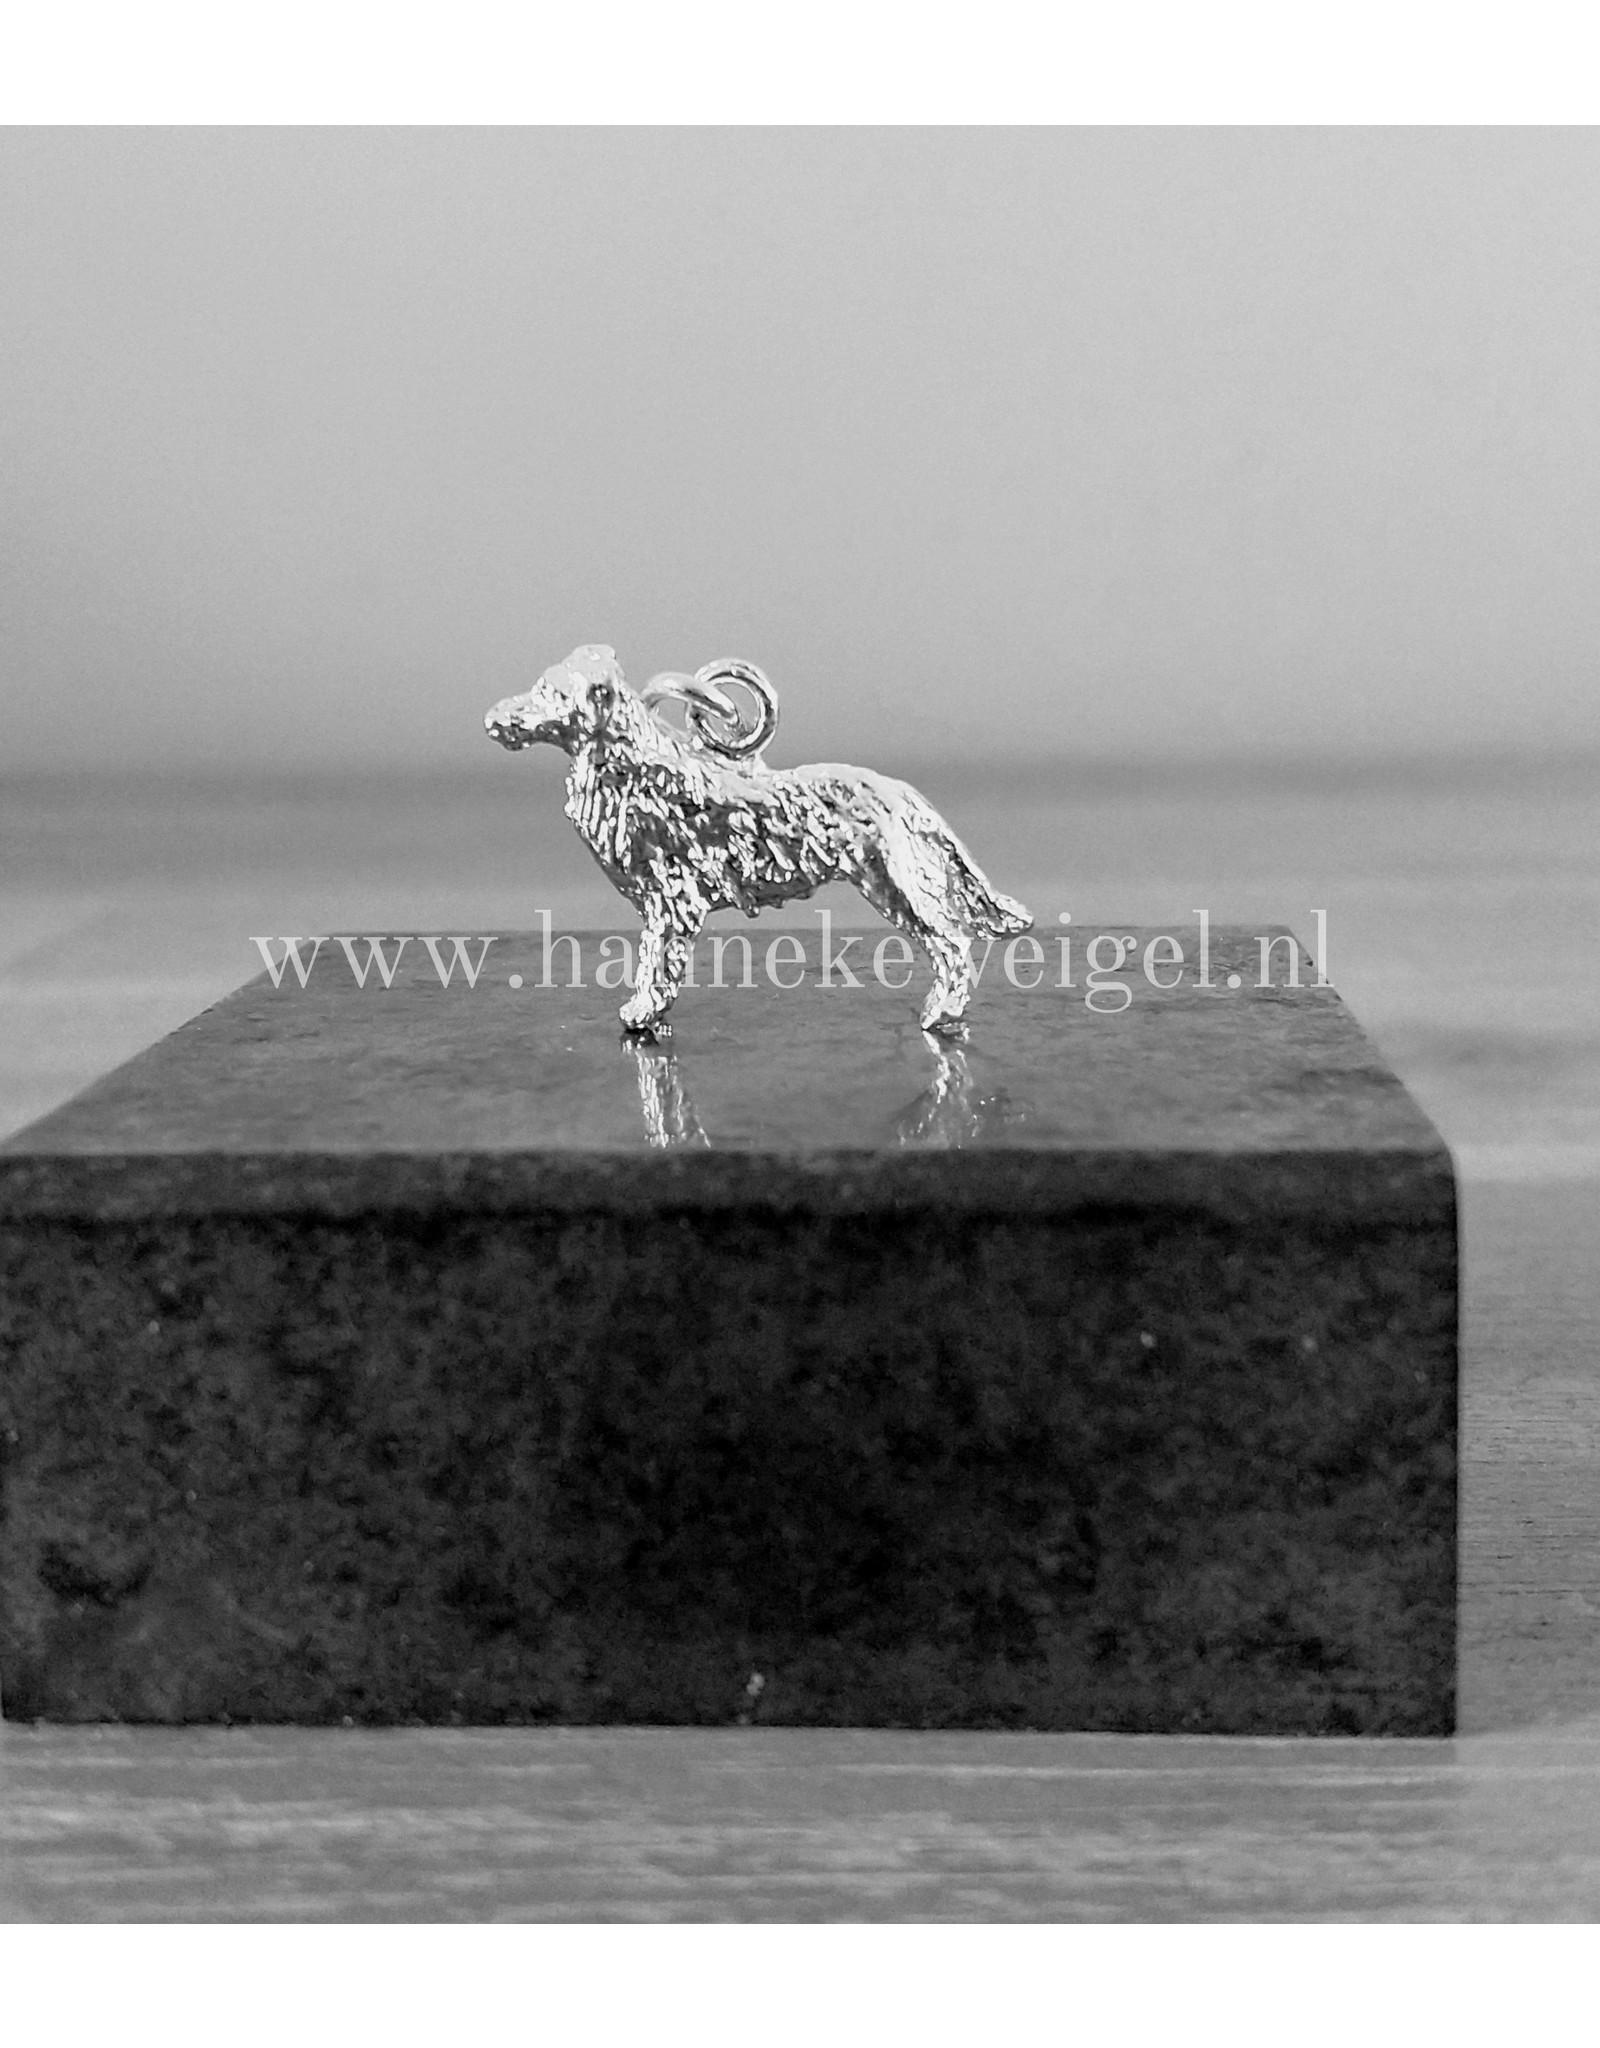 Handmade by Hanneke Weigel Sterling silver australian shepherd